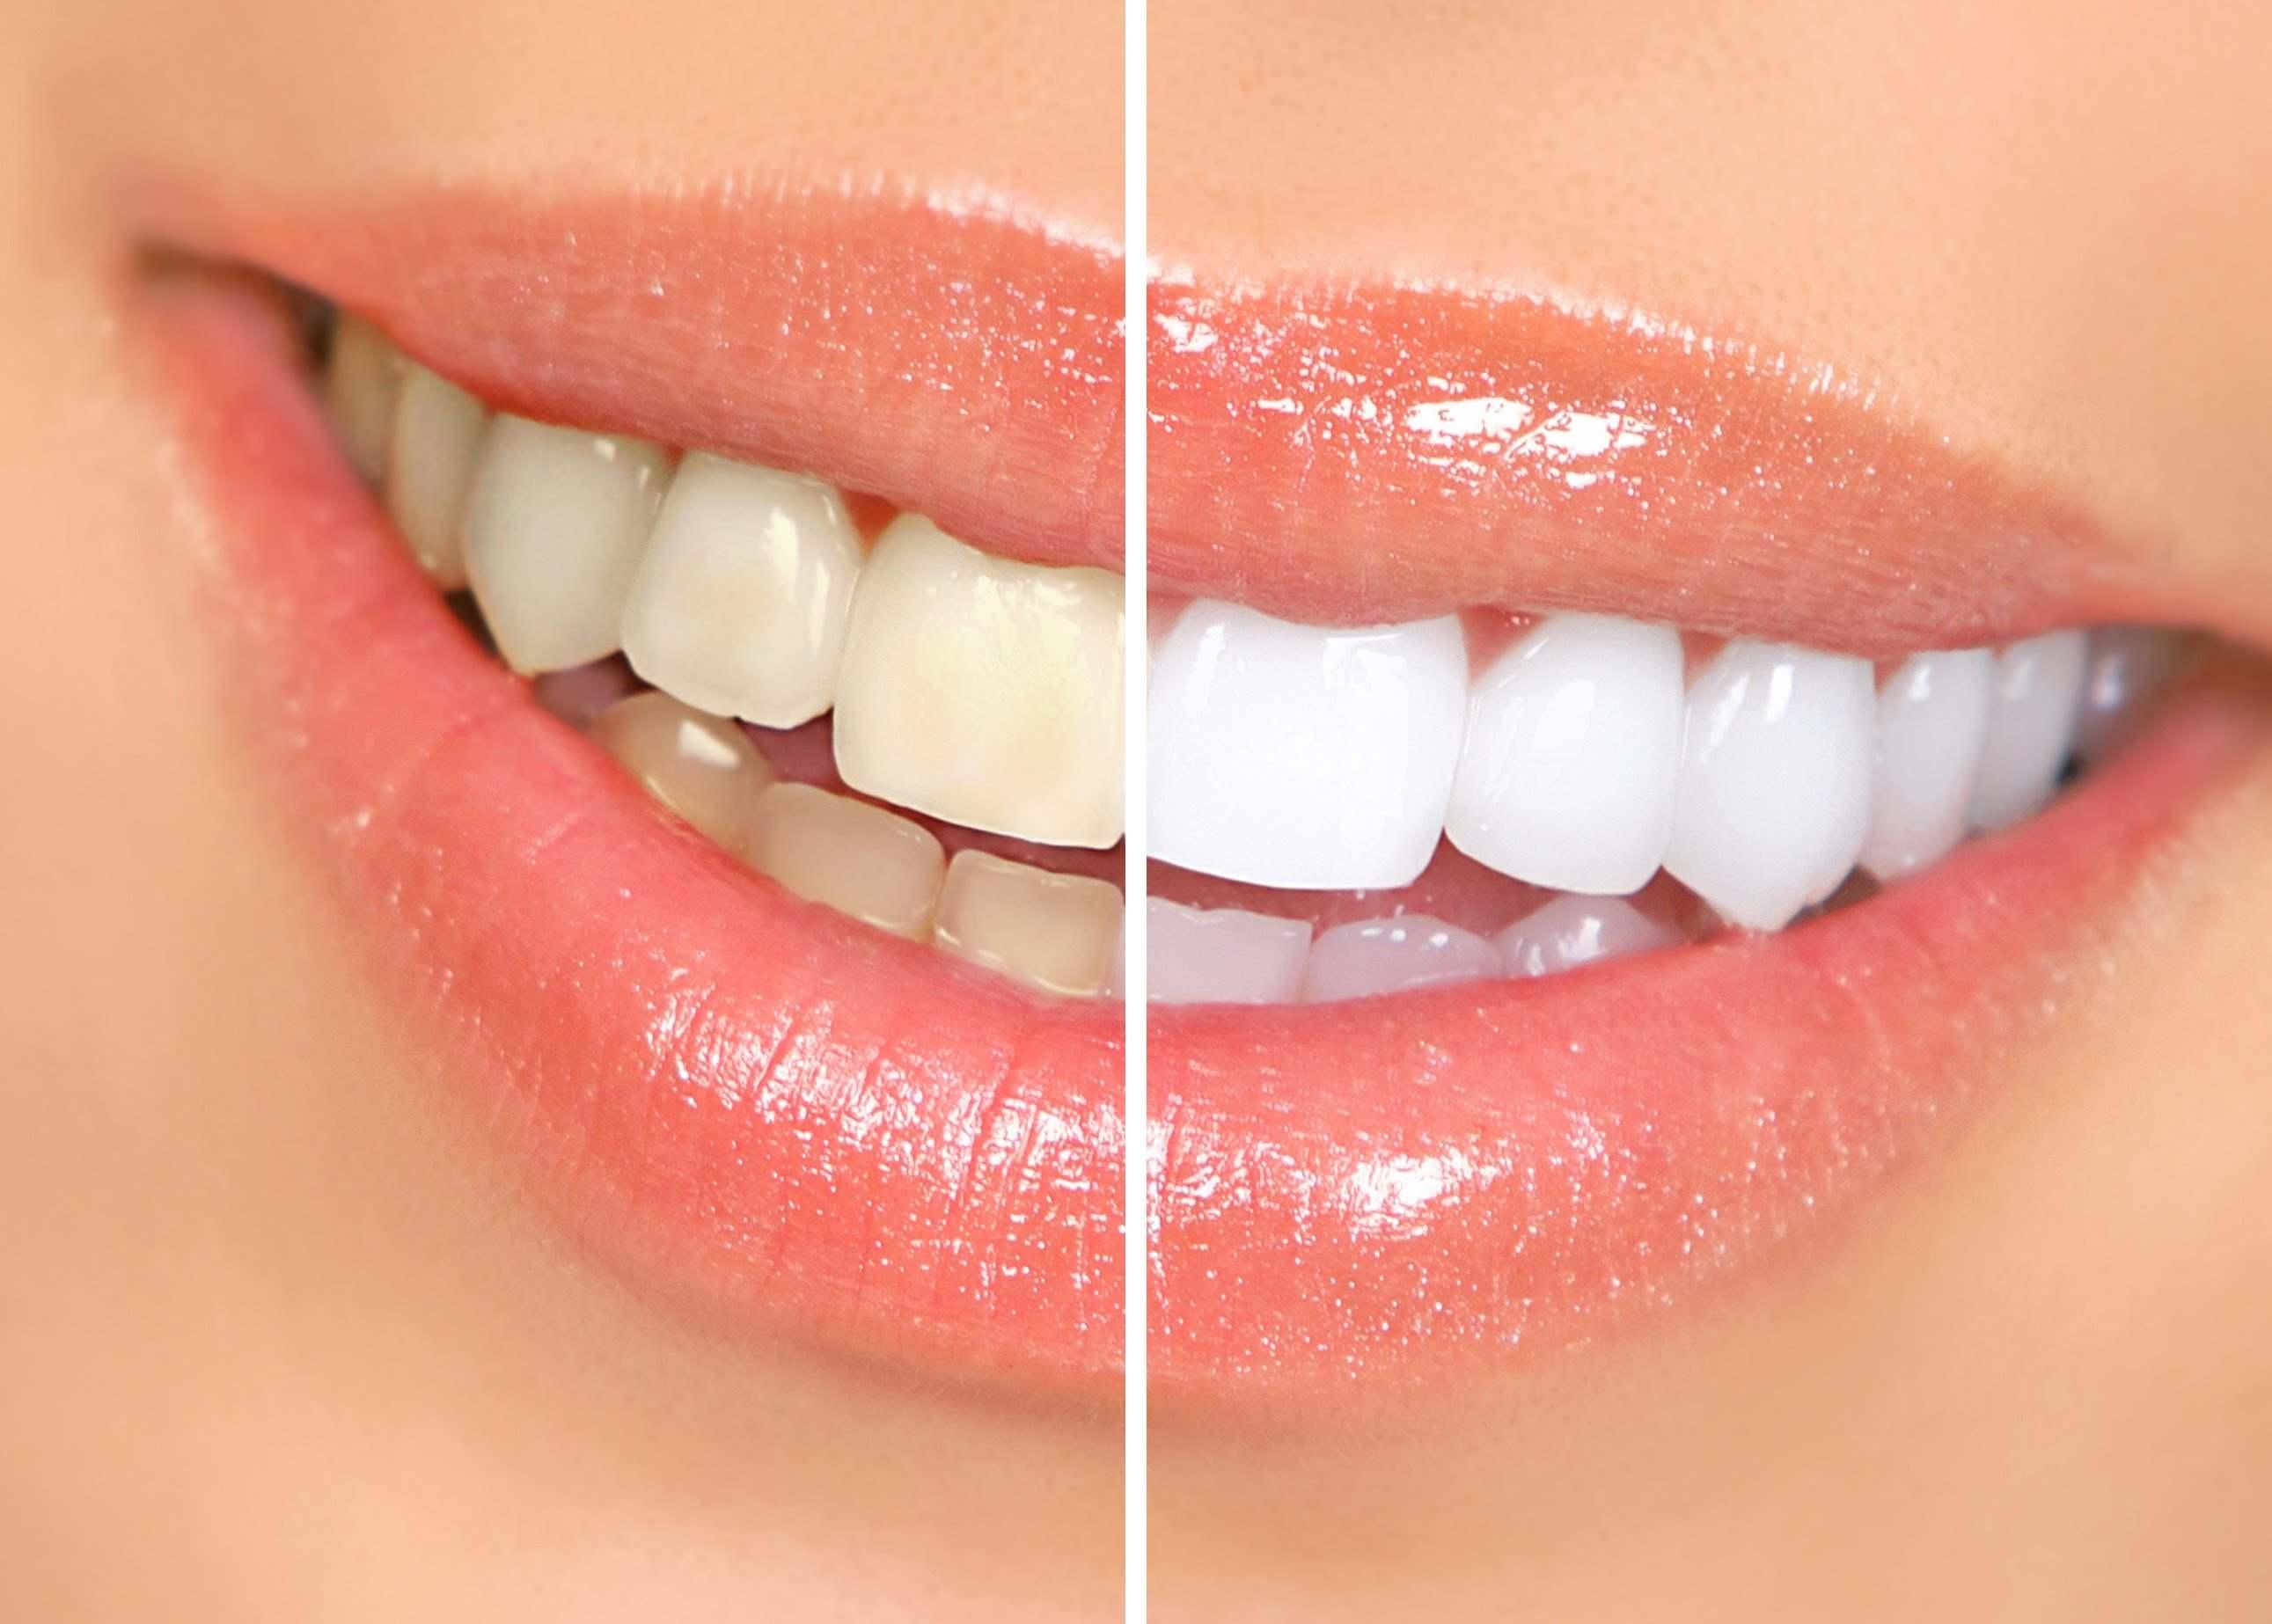 تبييض الأسنان بساعة و احدة فقط بورق الألمنيوم